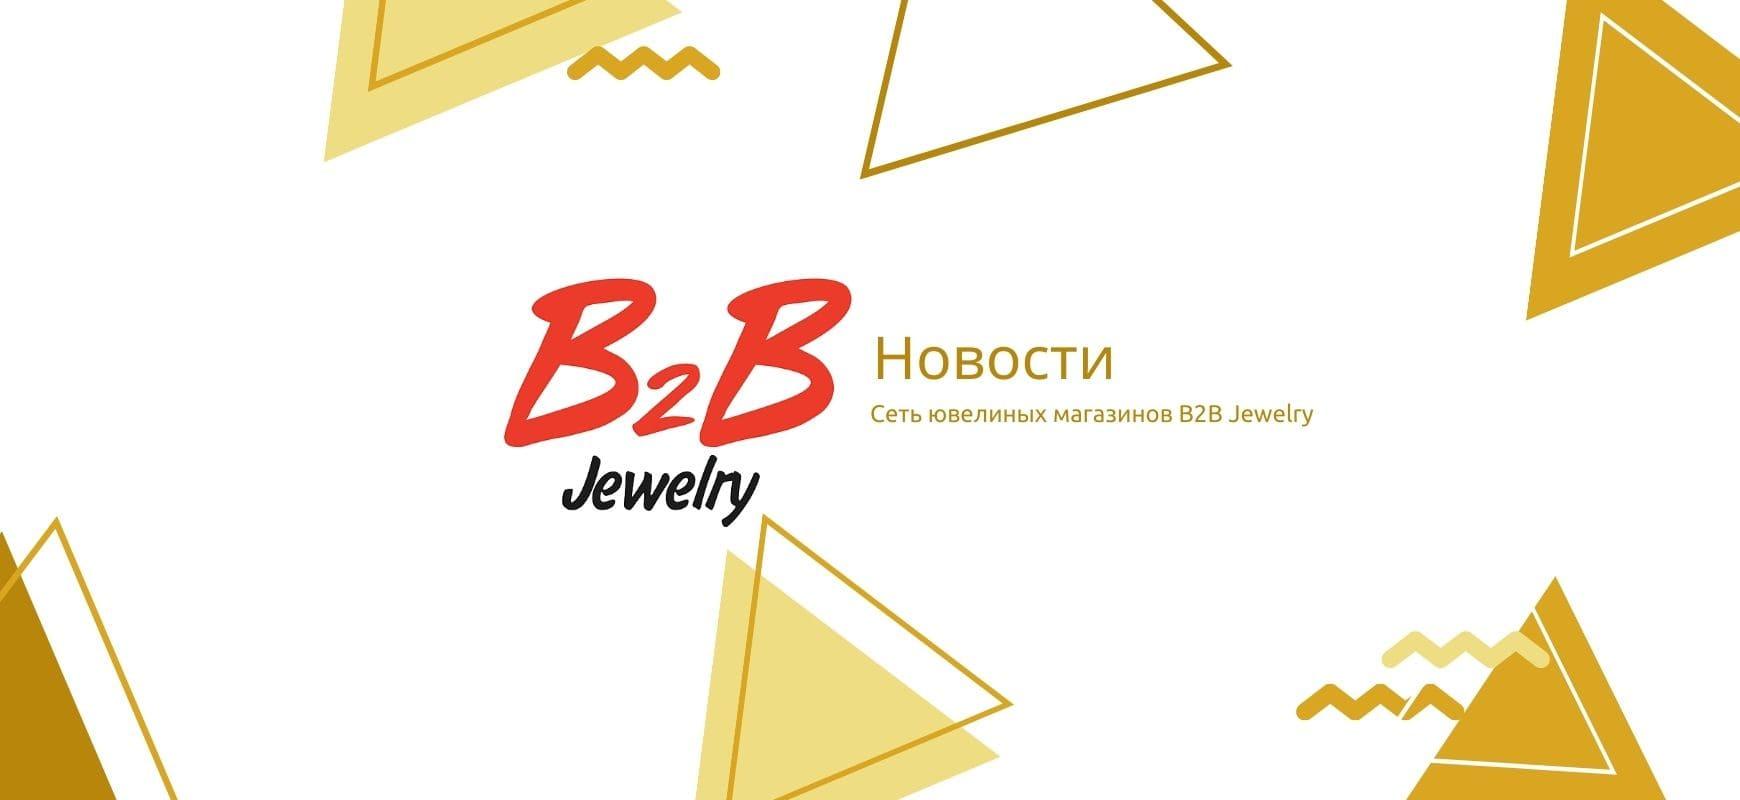 Новости B2B Jewelry